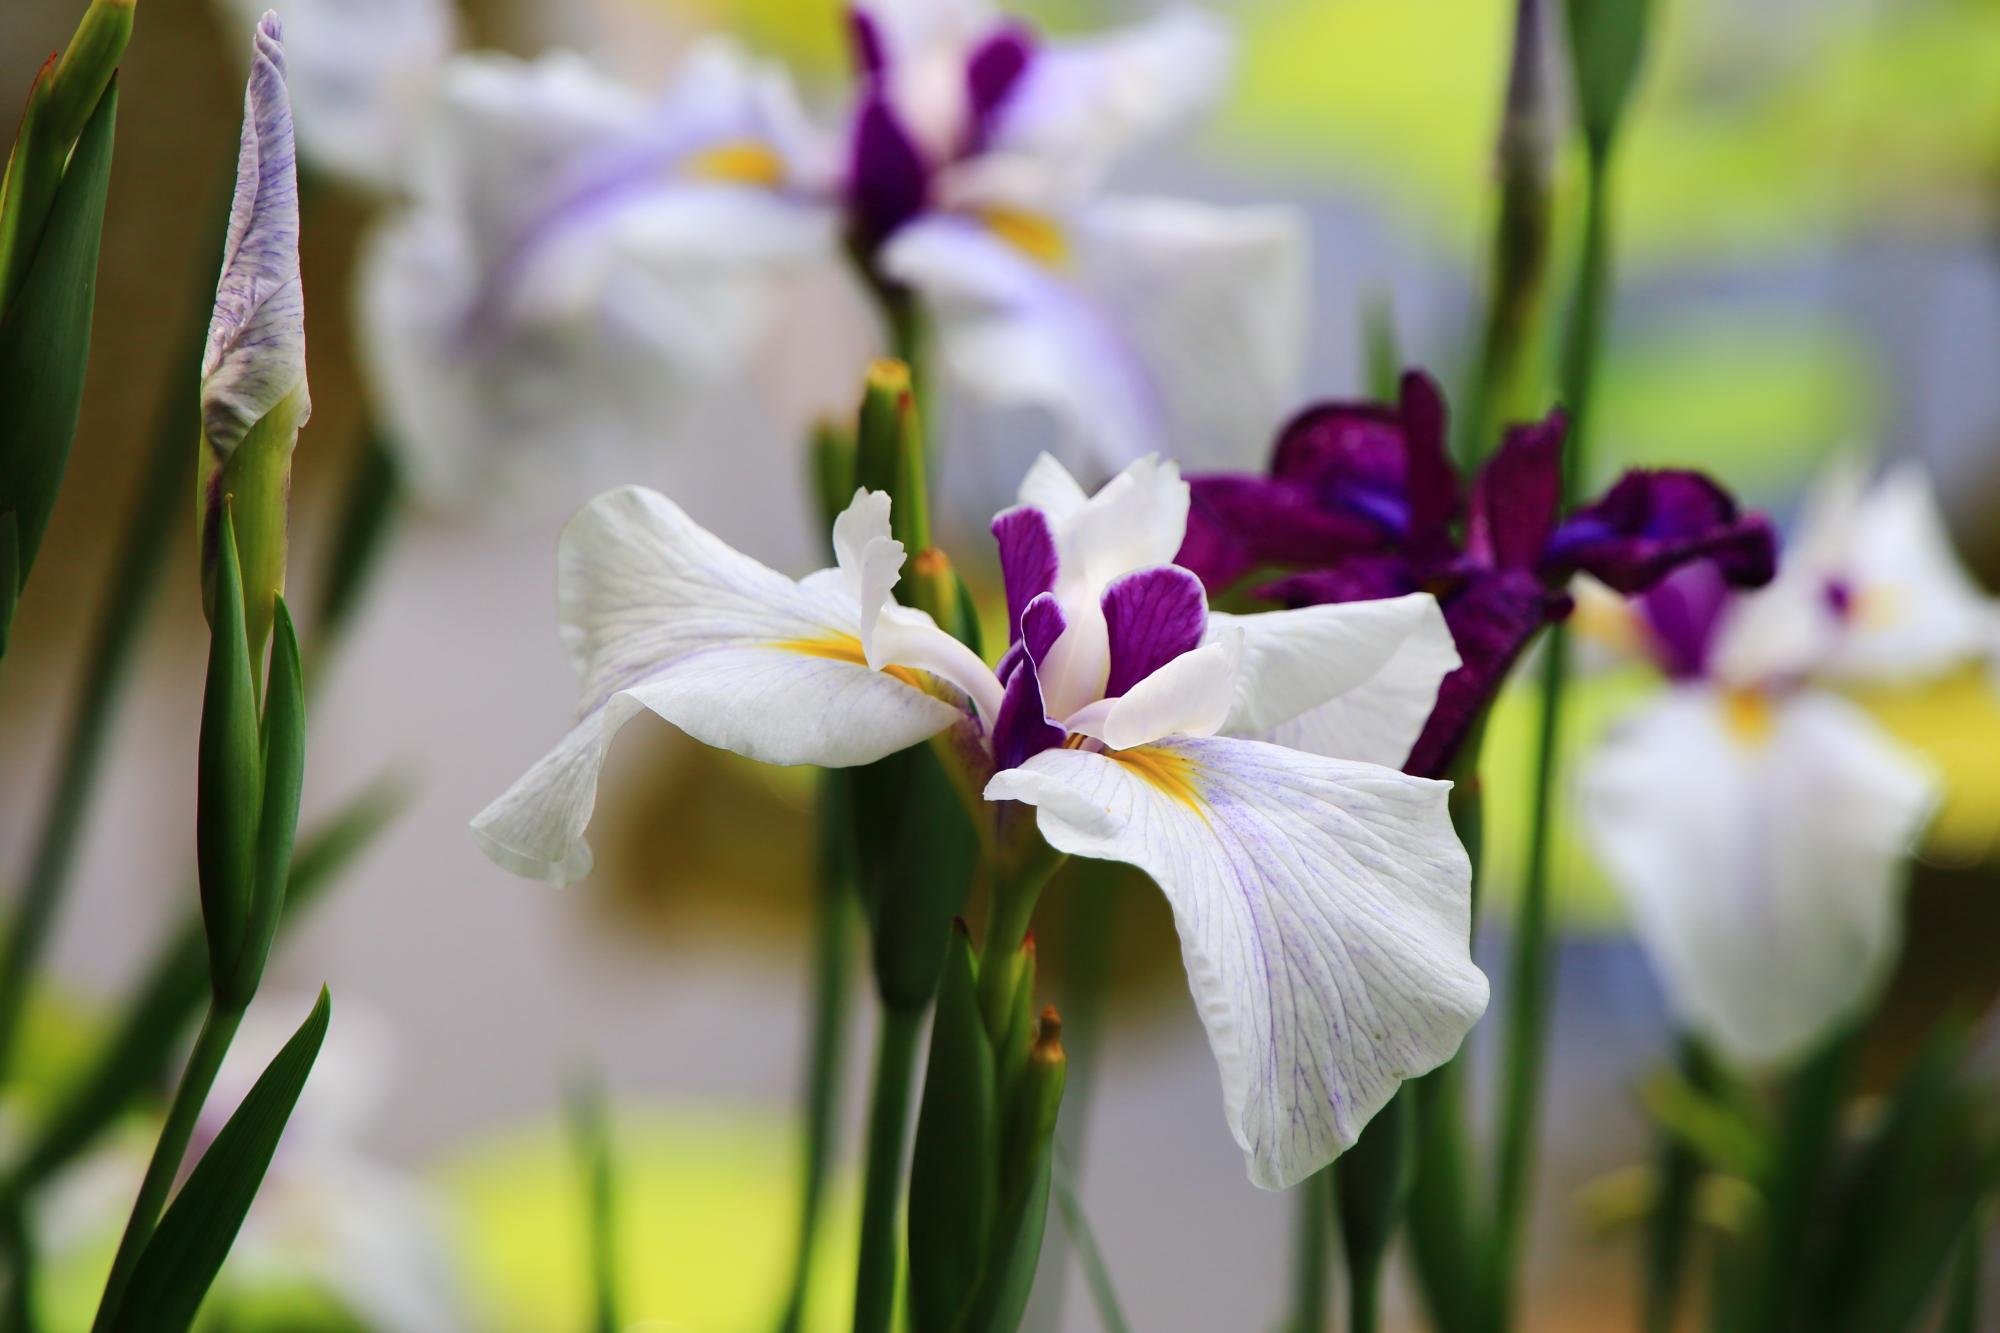 濃い紫と白色の混ざった不思議な色合いの花菖蒲